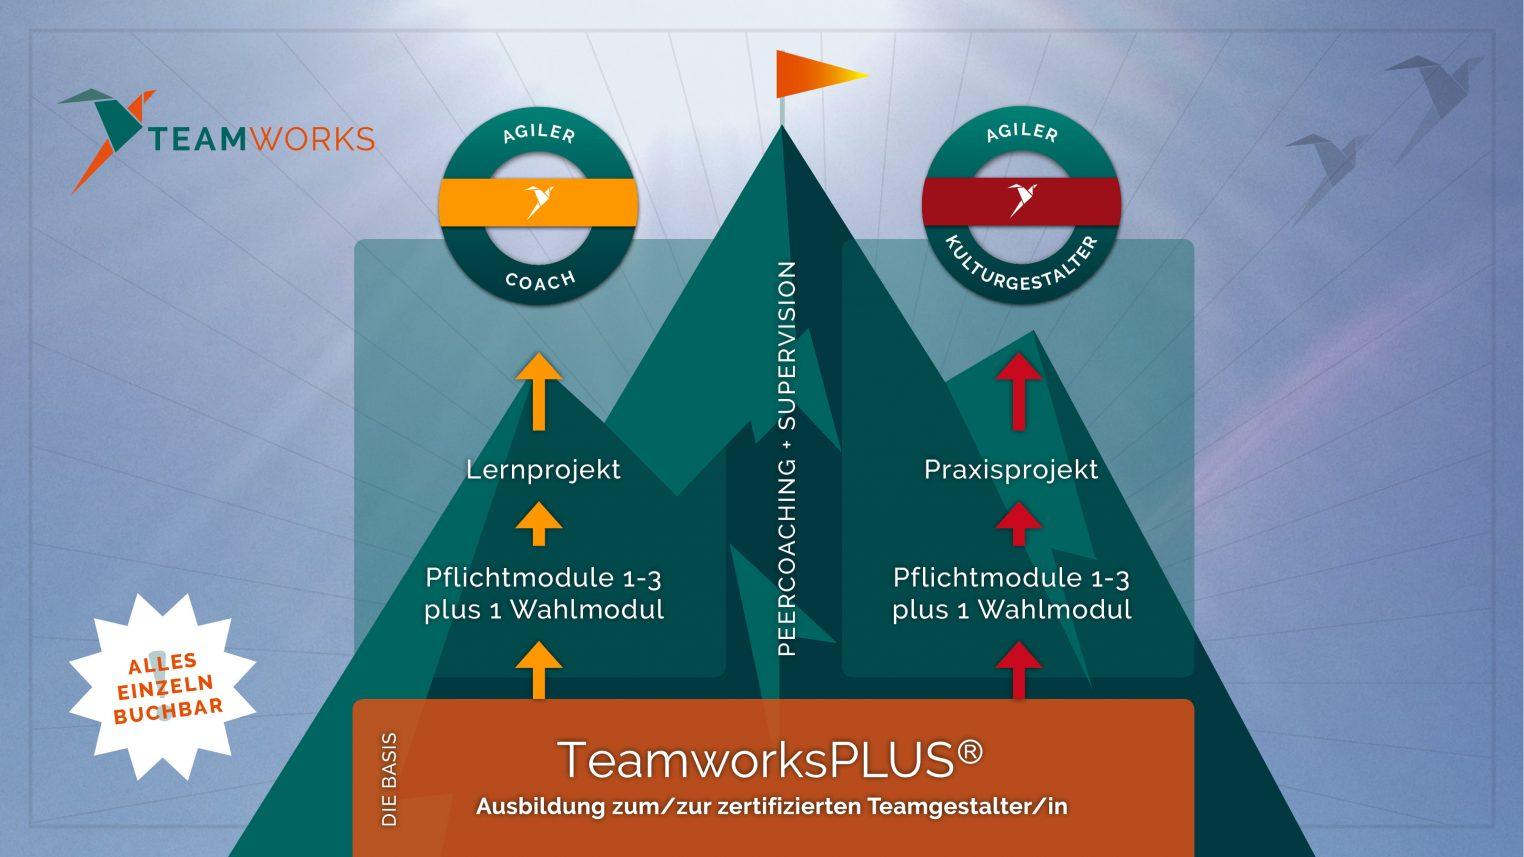 Das Teamworks-Ausbildungssystem